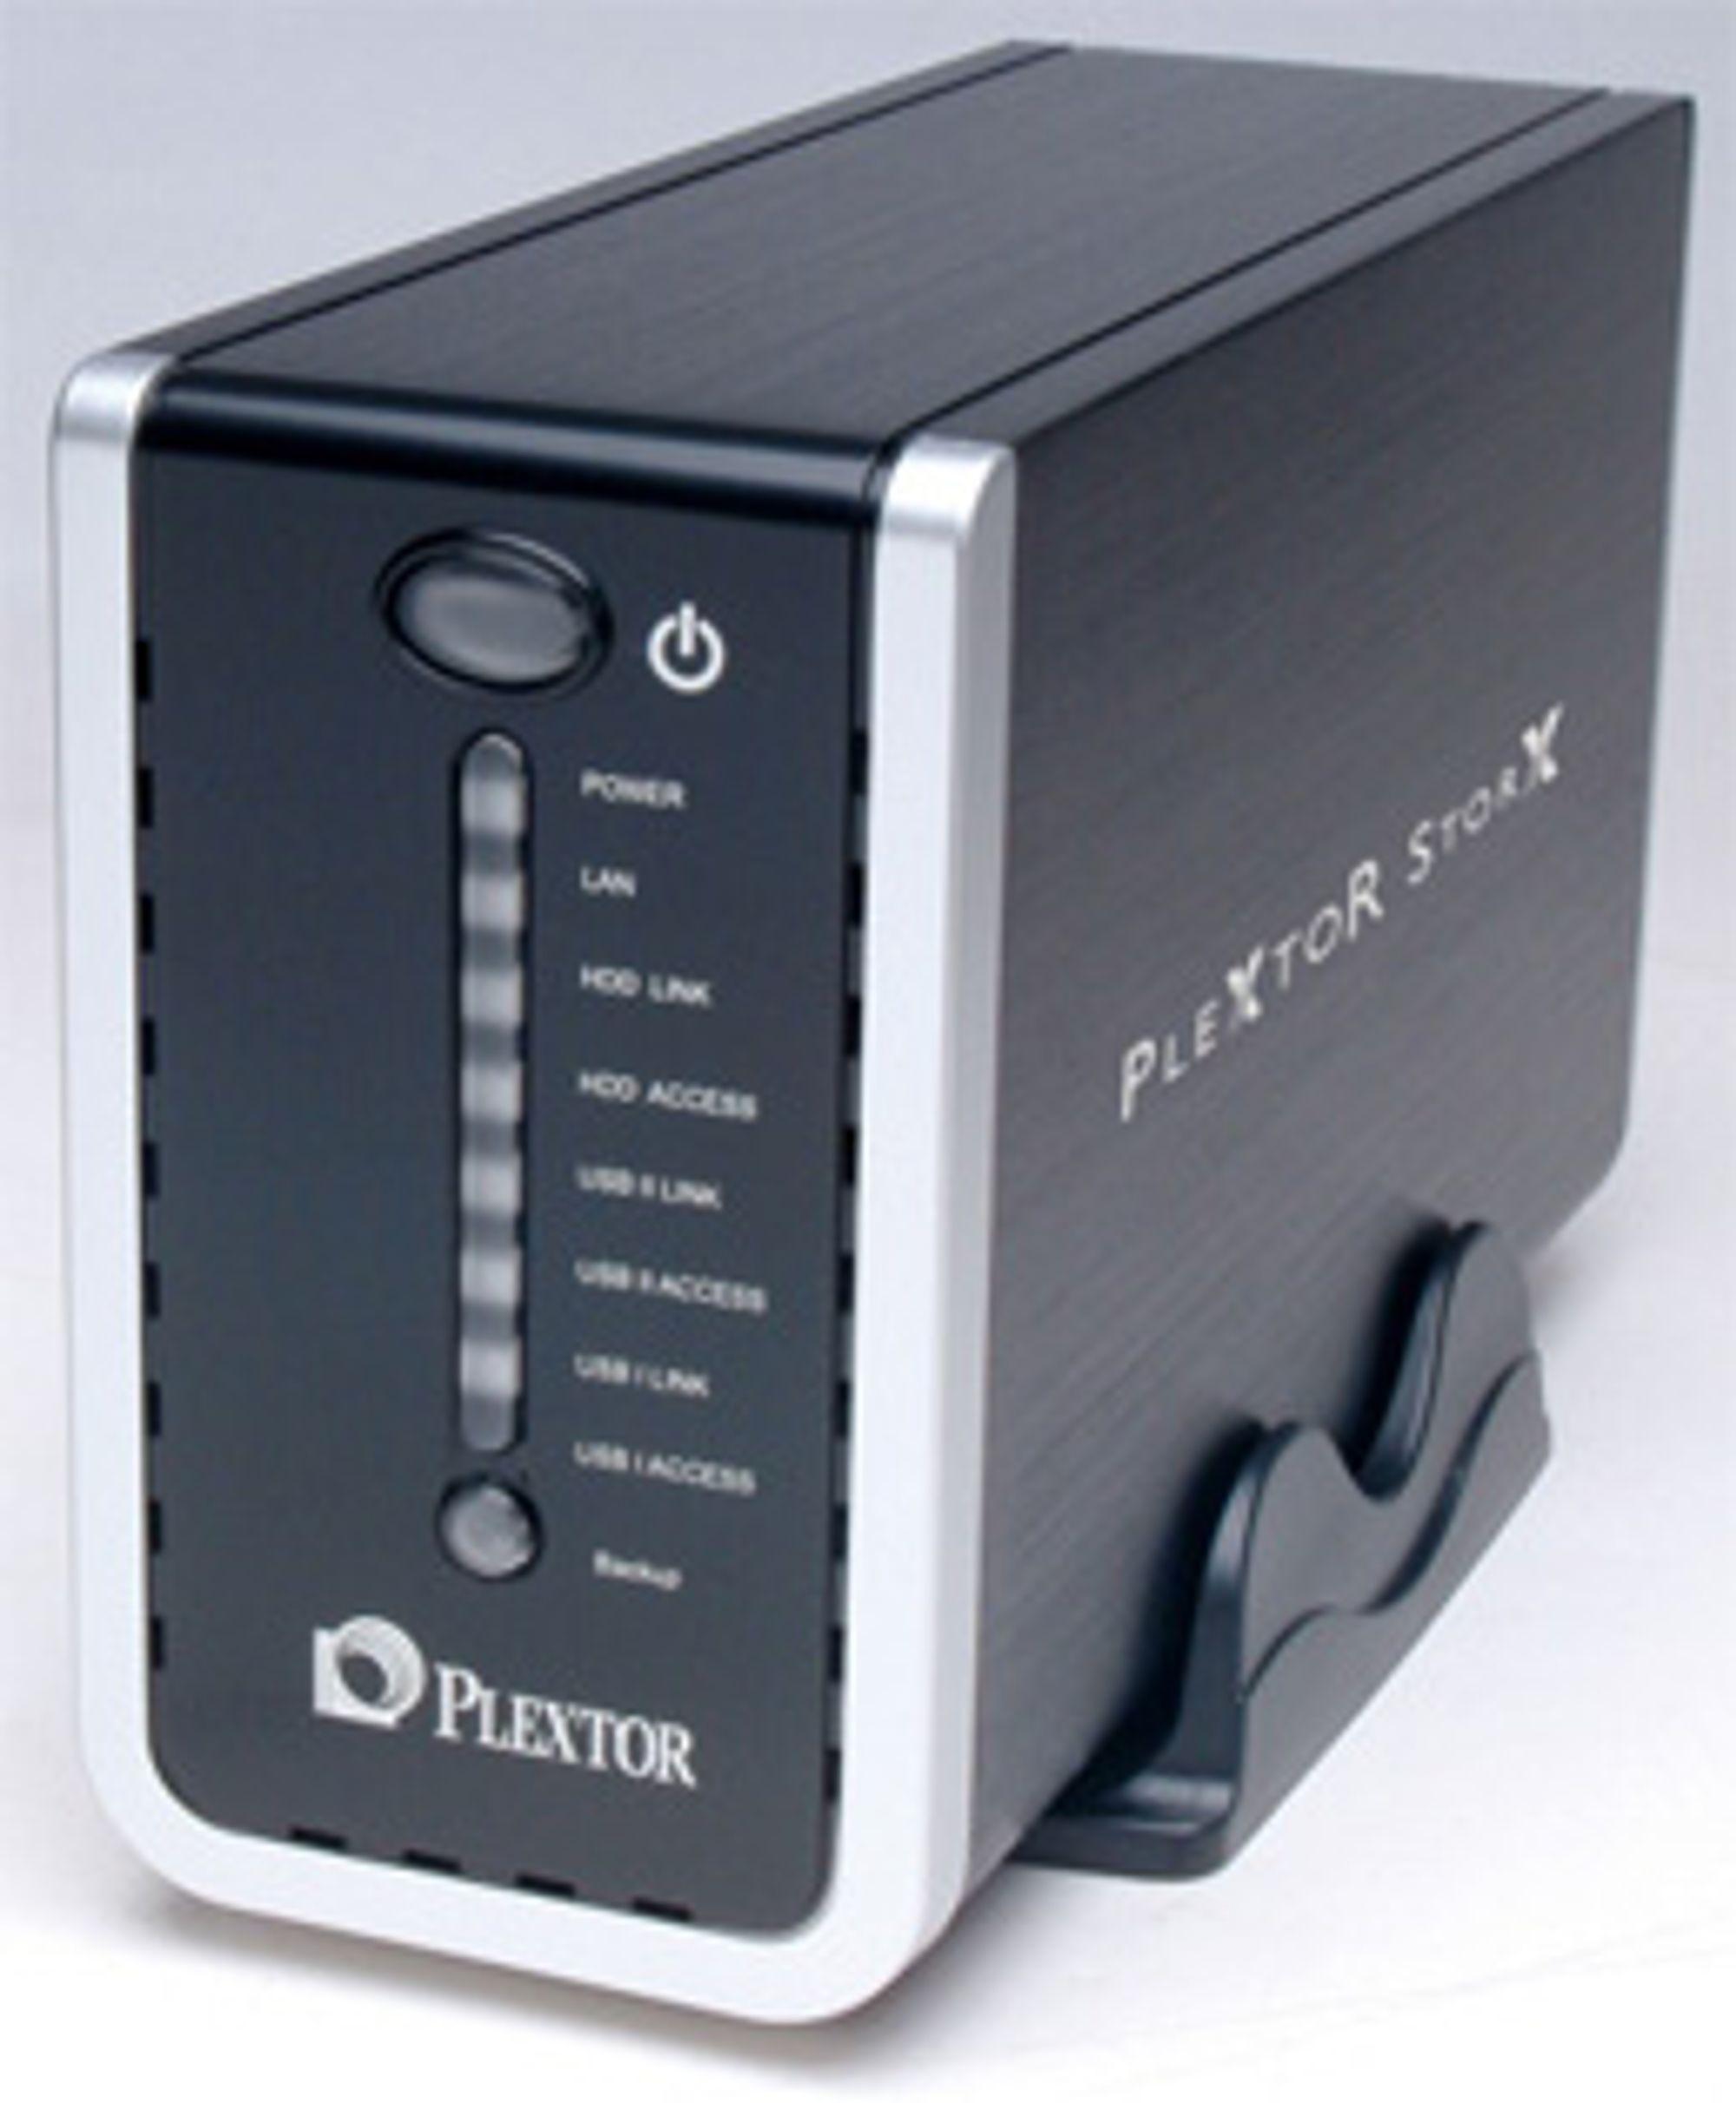 Plextors nye NAS-enheter. (Foto: Plextor)